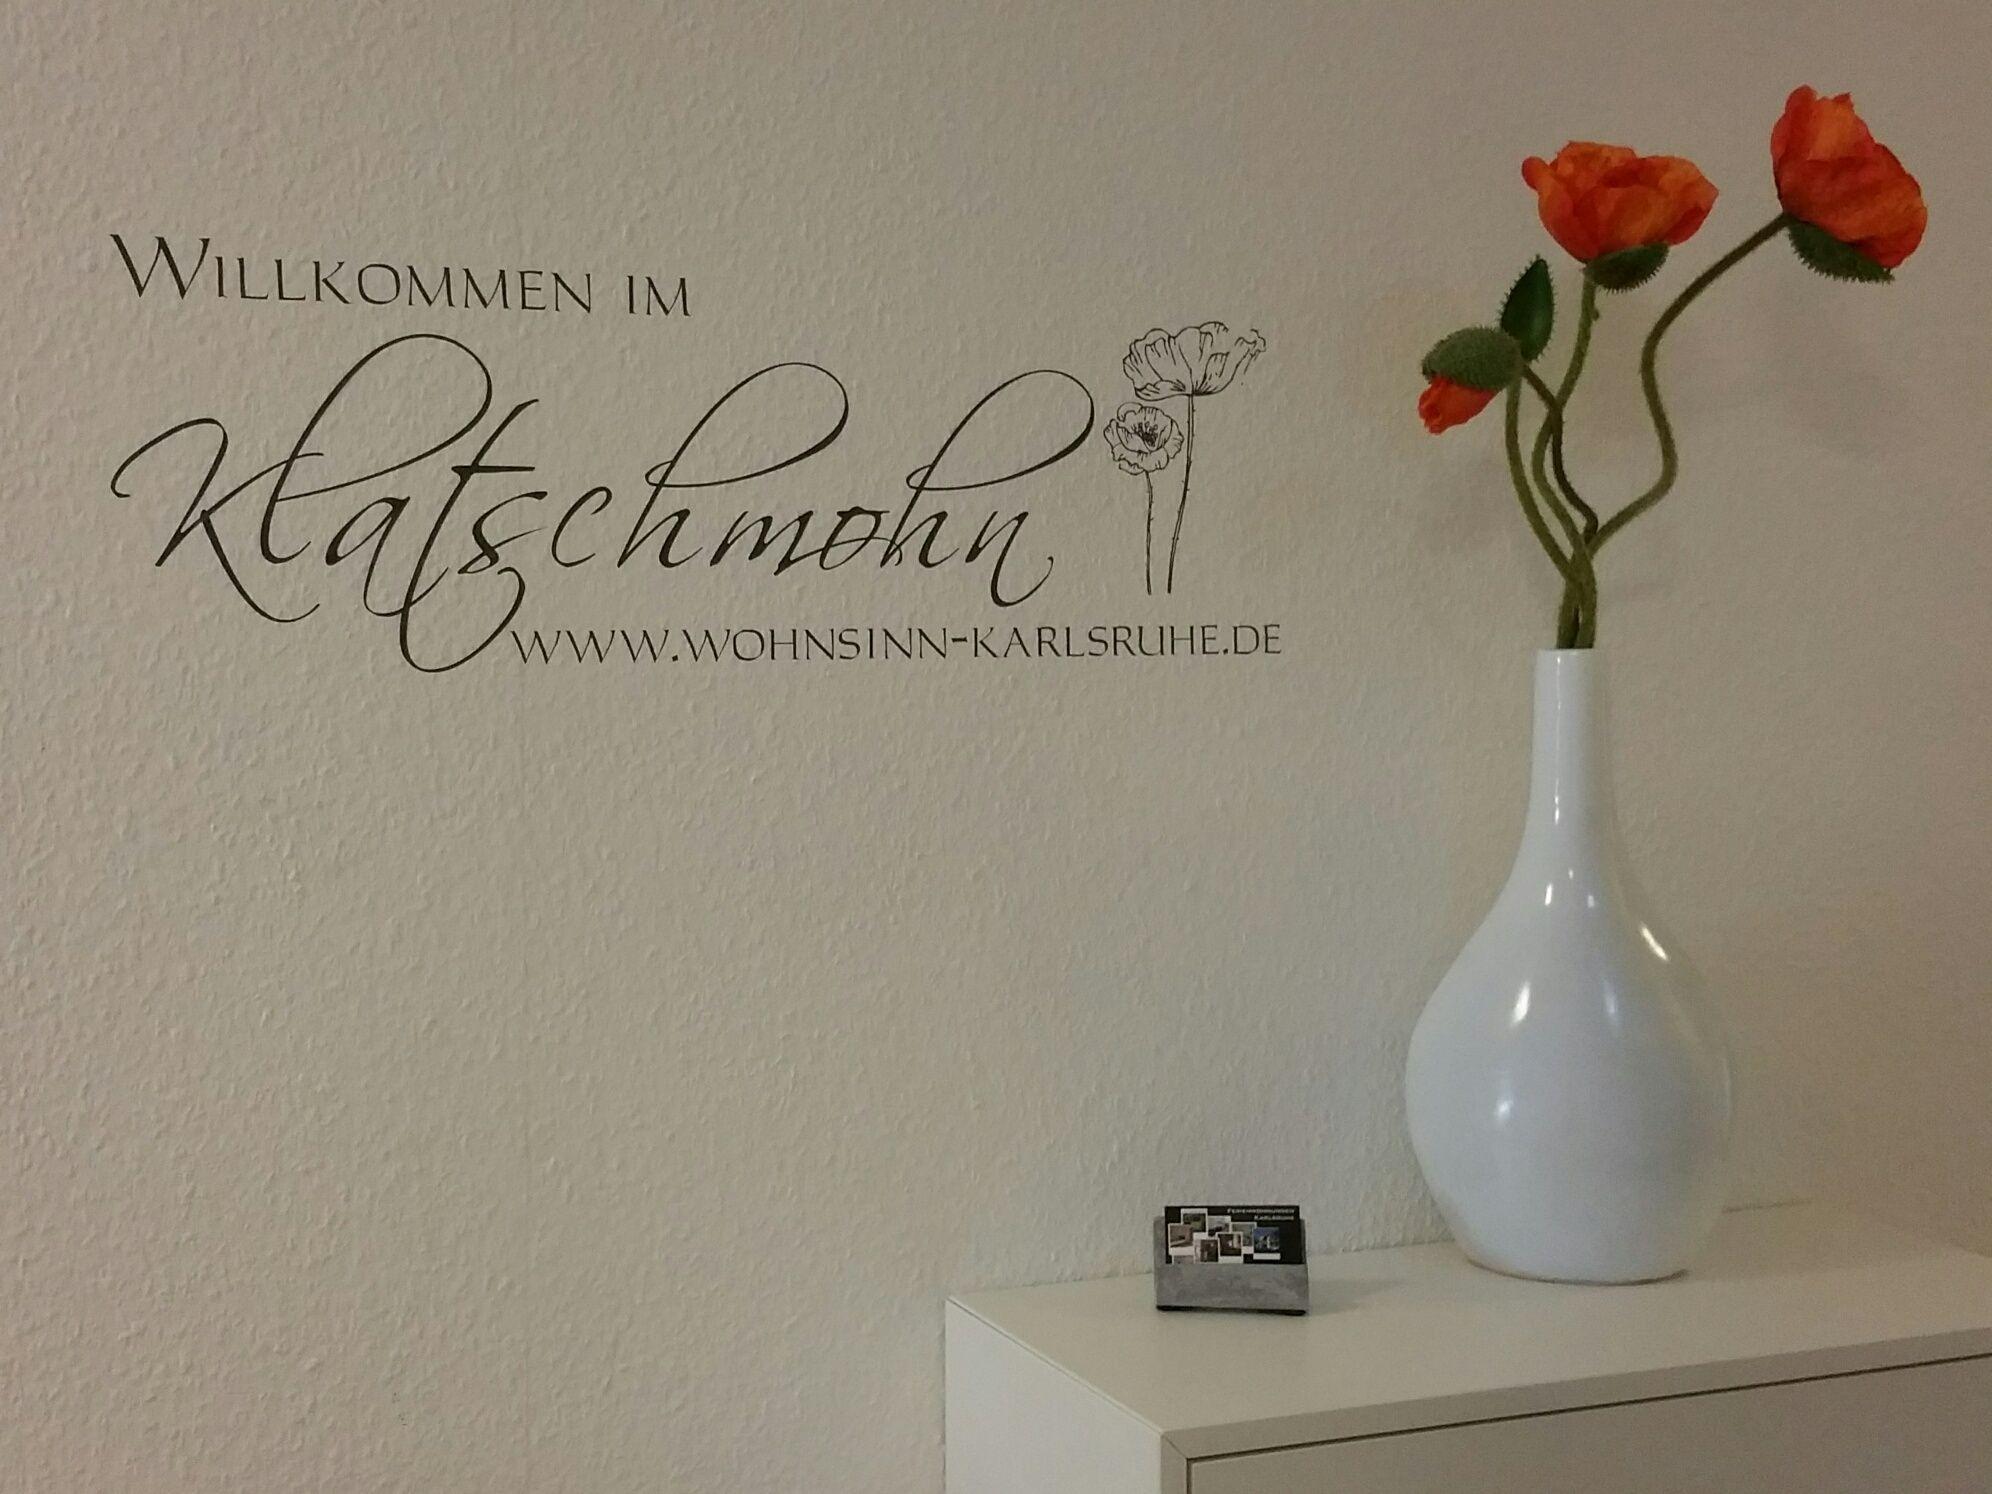 Wohnsinn Karlsruhe Fewo Klatschmohn